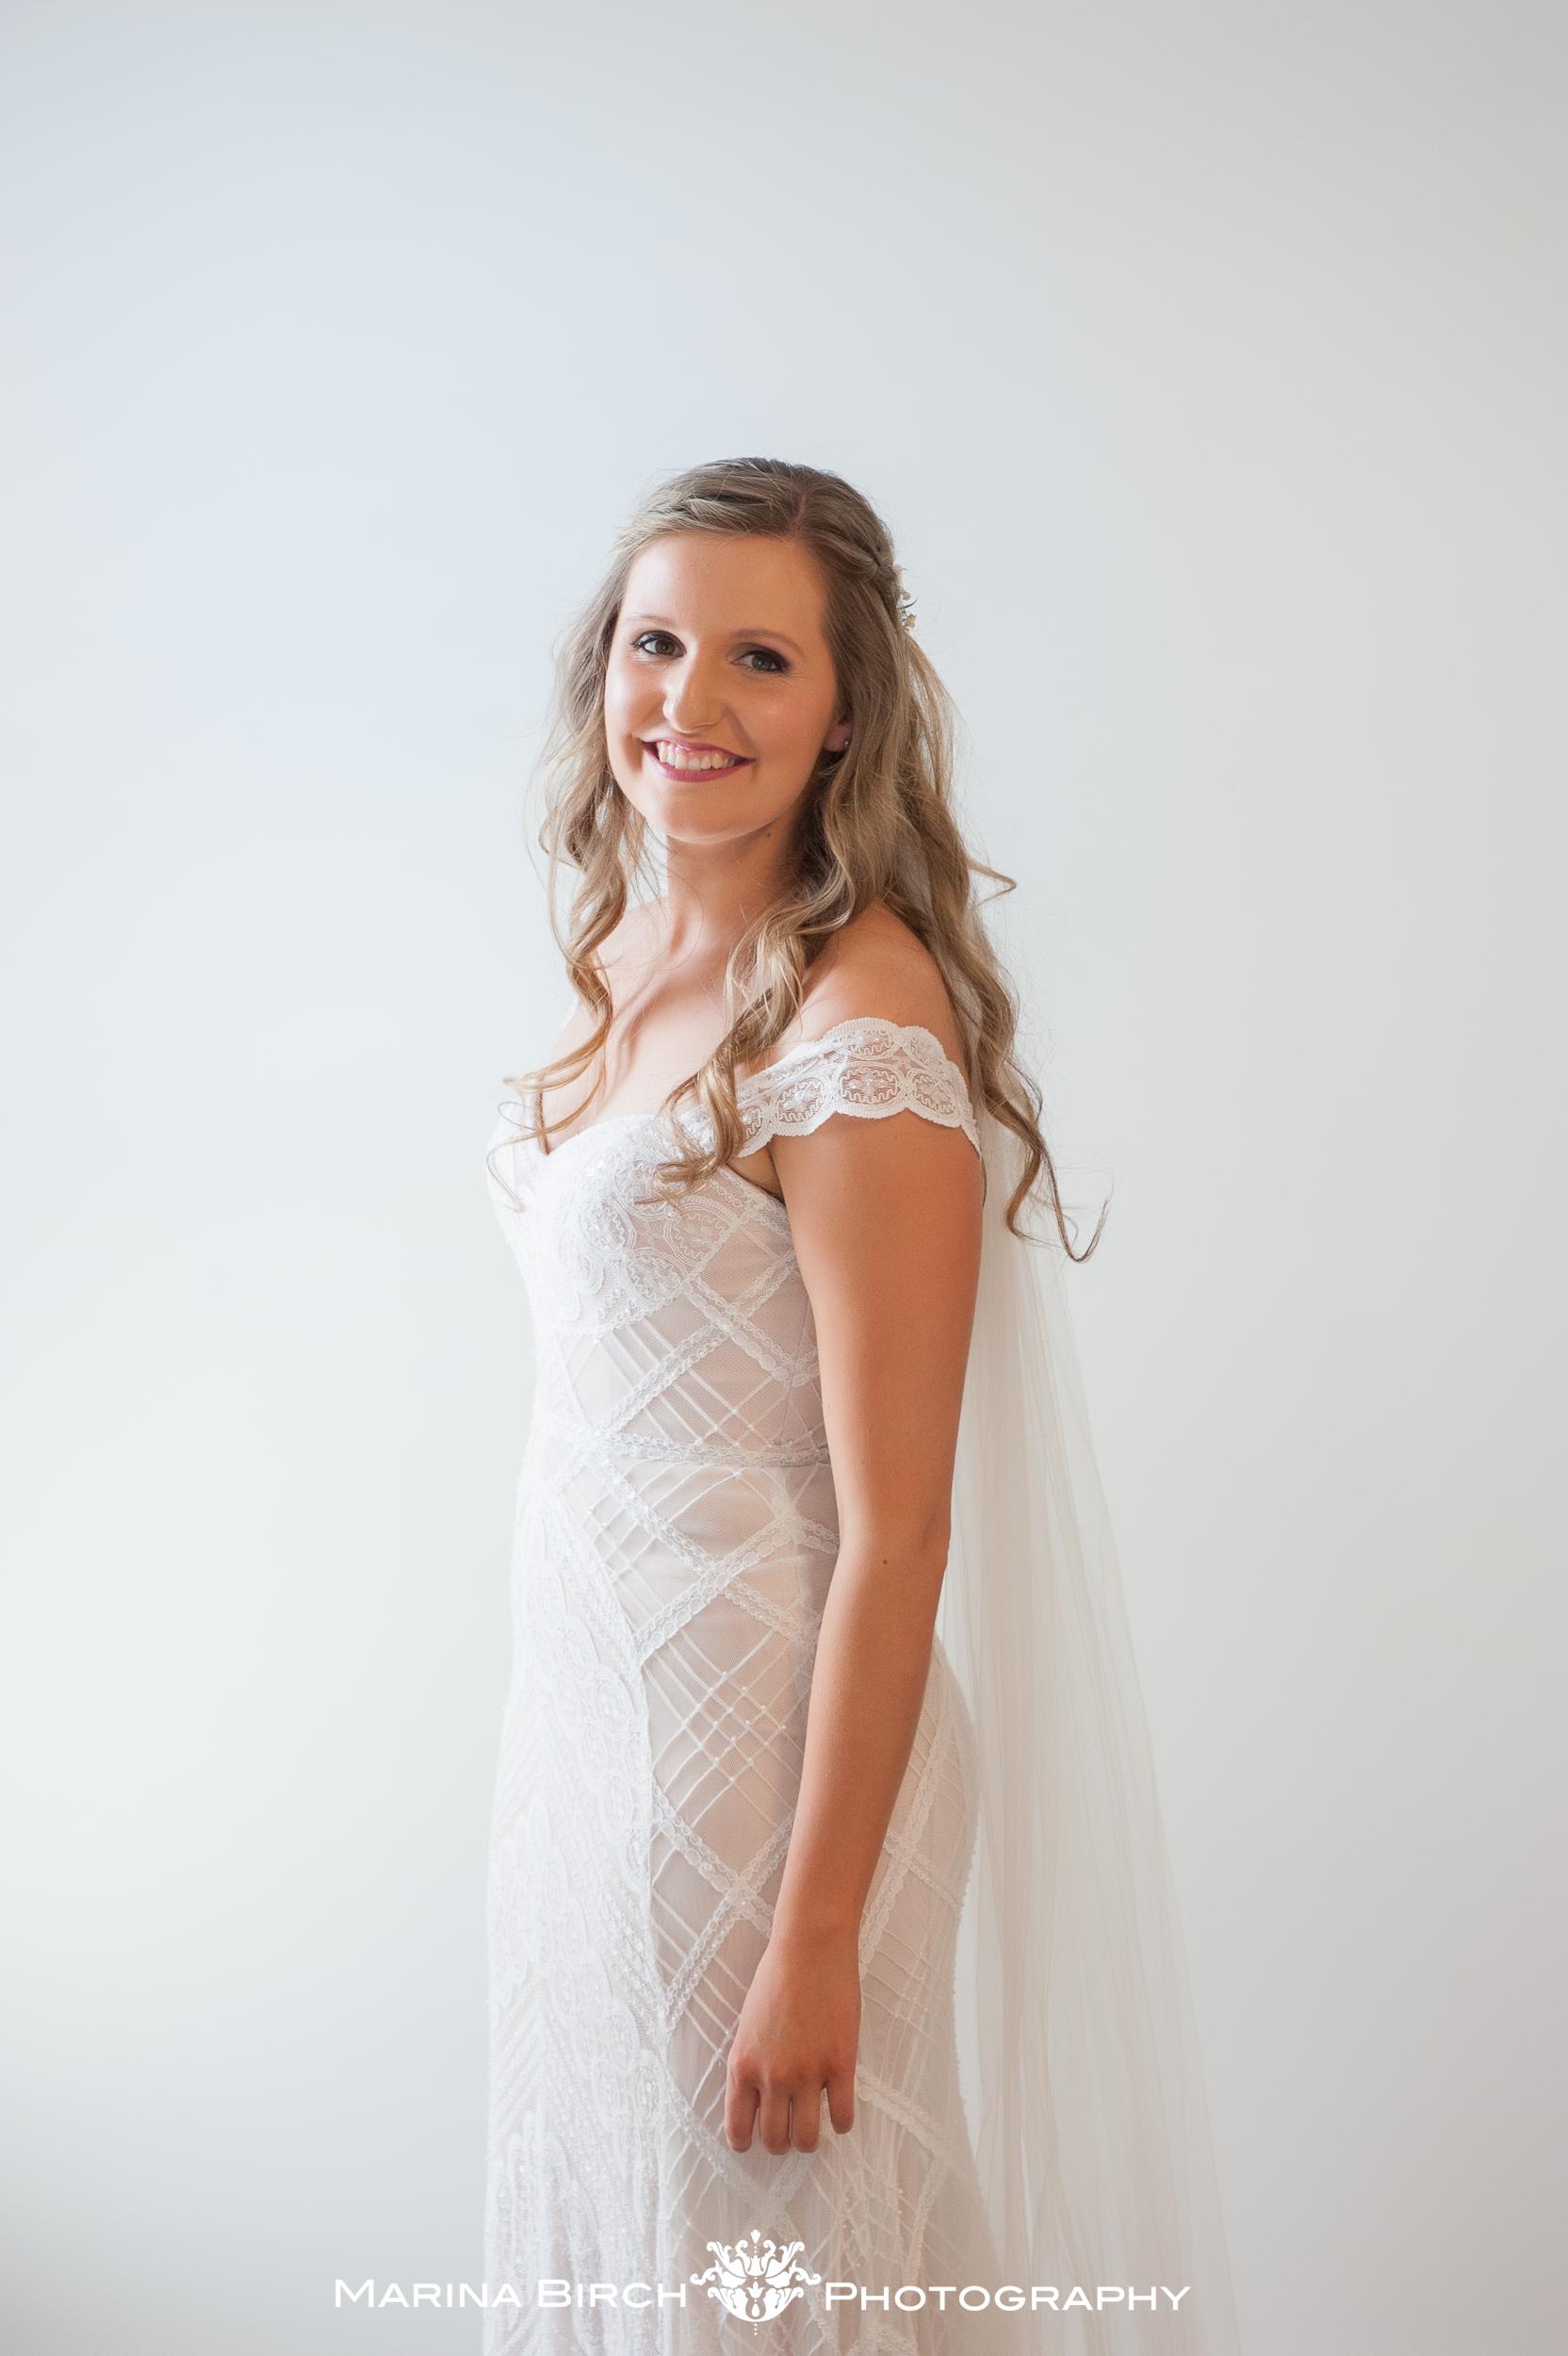 MBP.wedding -5.jpg